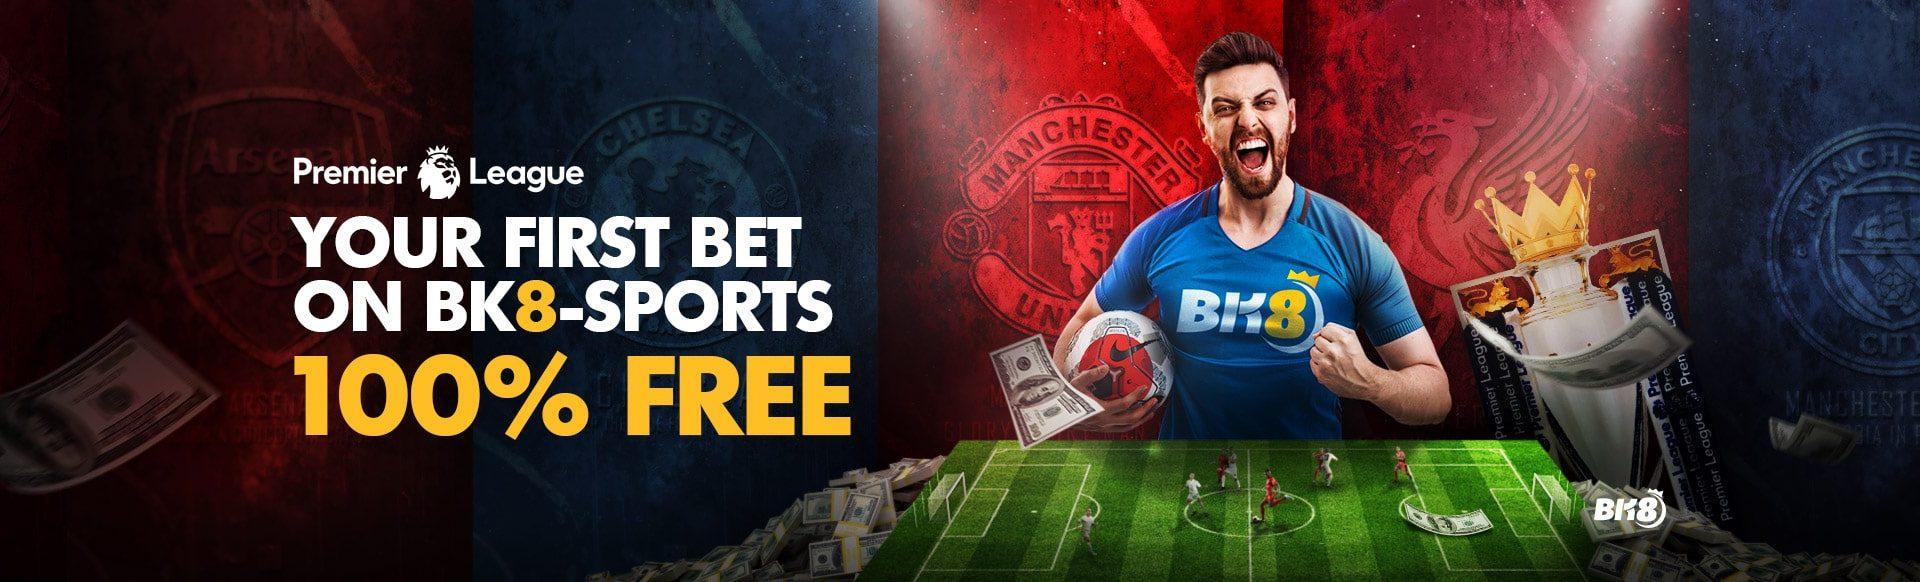 Online Sport betting bonus